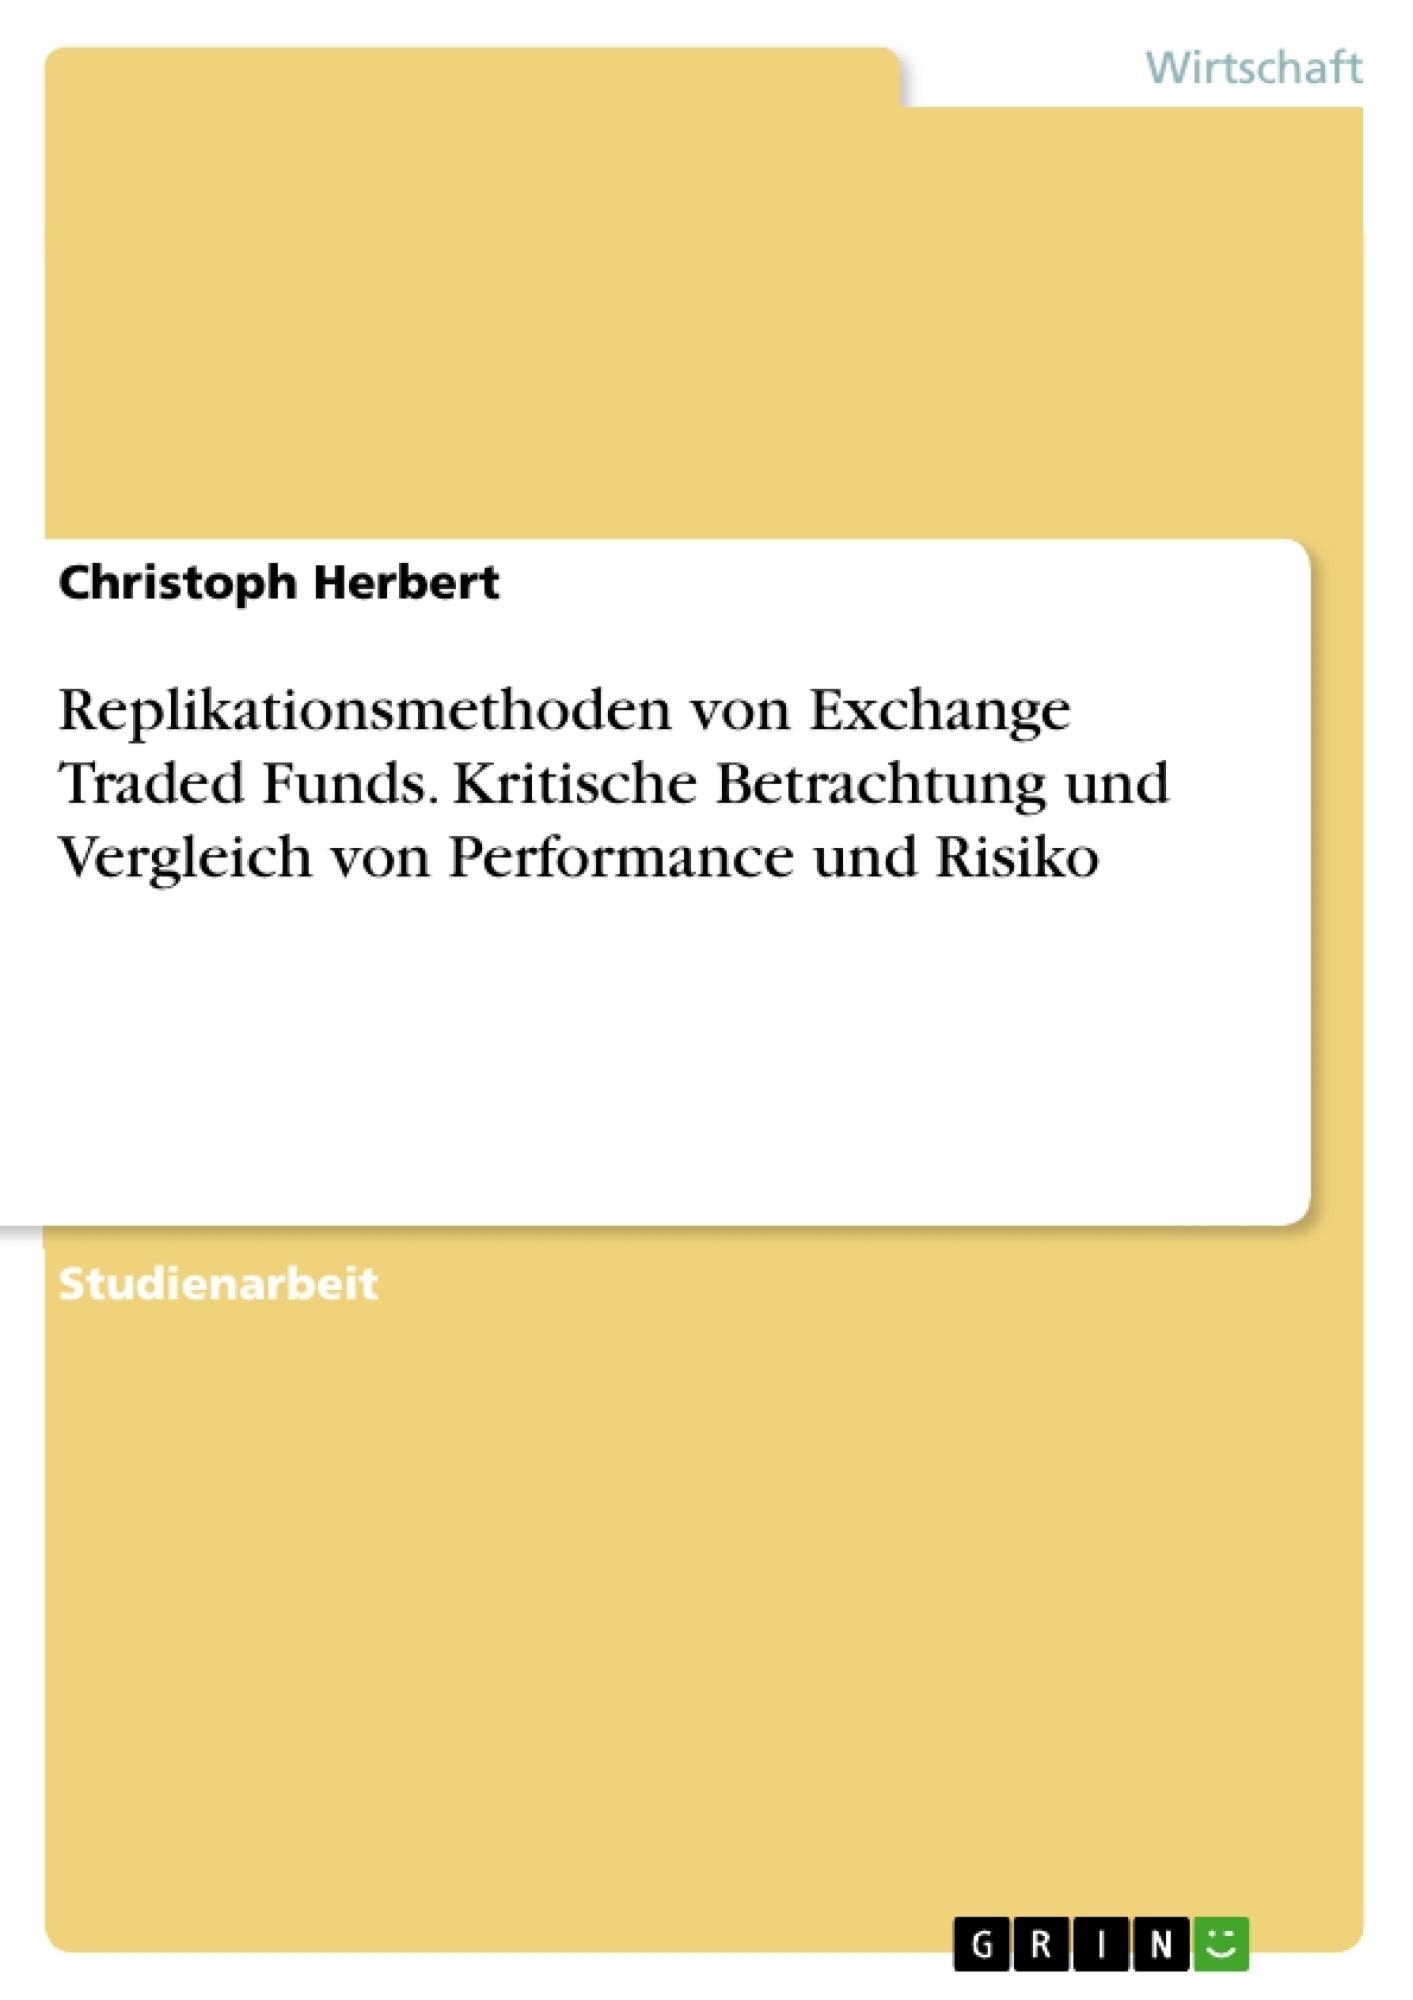 Titel: Replikationsmethoden von Exchange Traded Funds. Kritische Betrachtung und Vergleich von Performance und Risiko